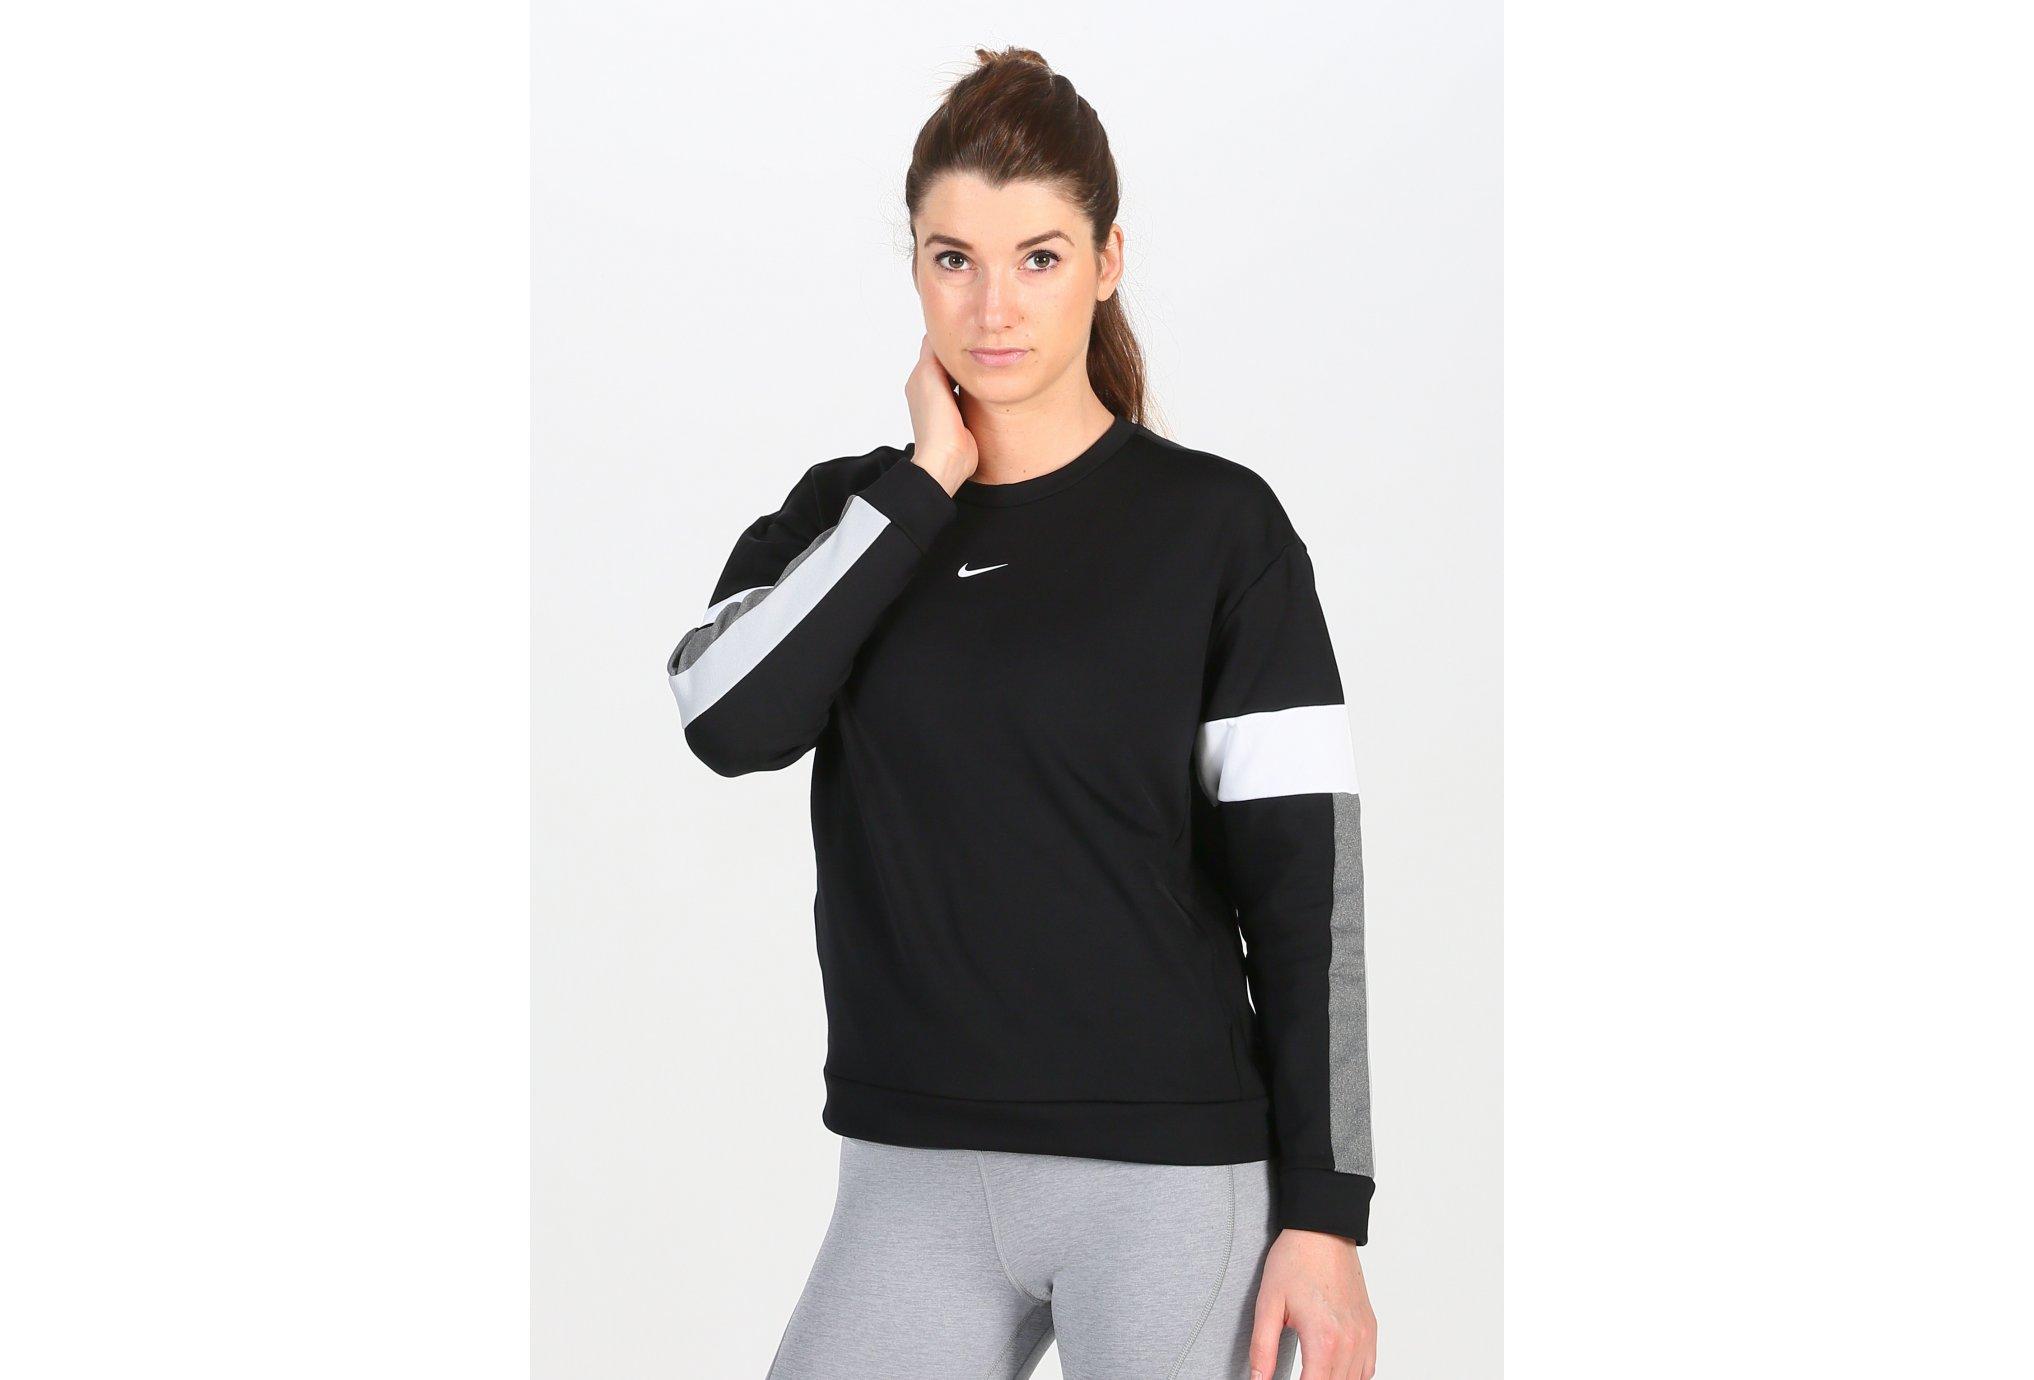 Nike Therma Colorblock Crew W Diététique Vêtements femme